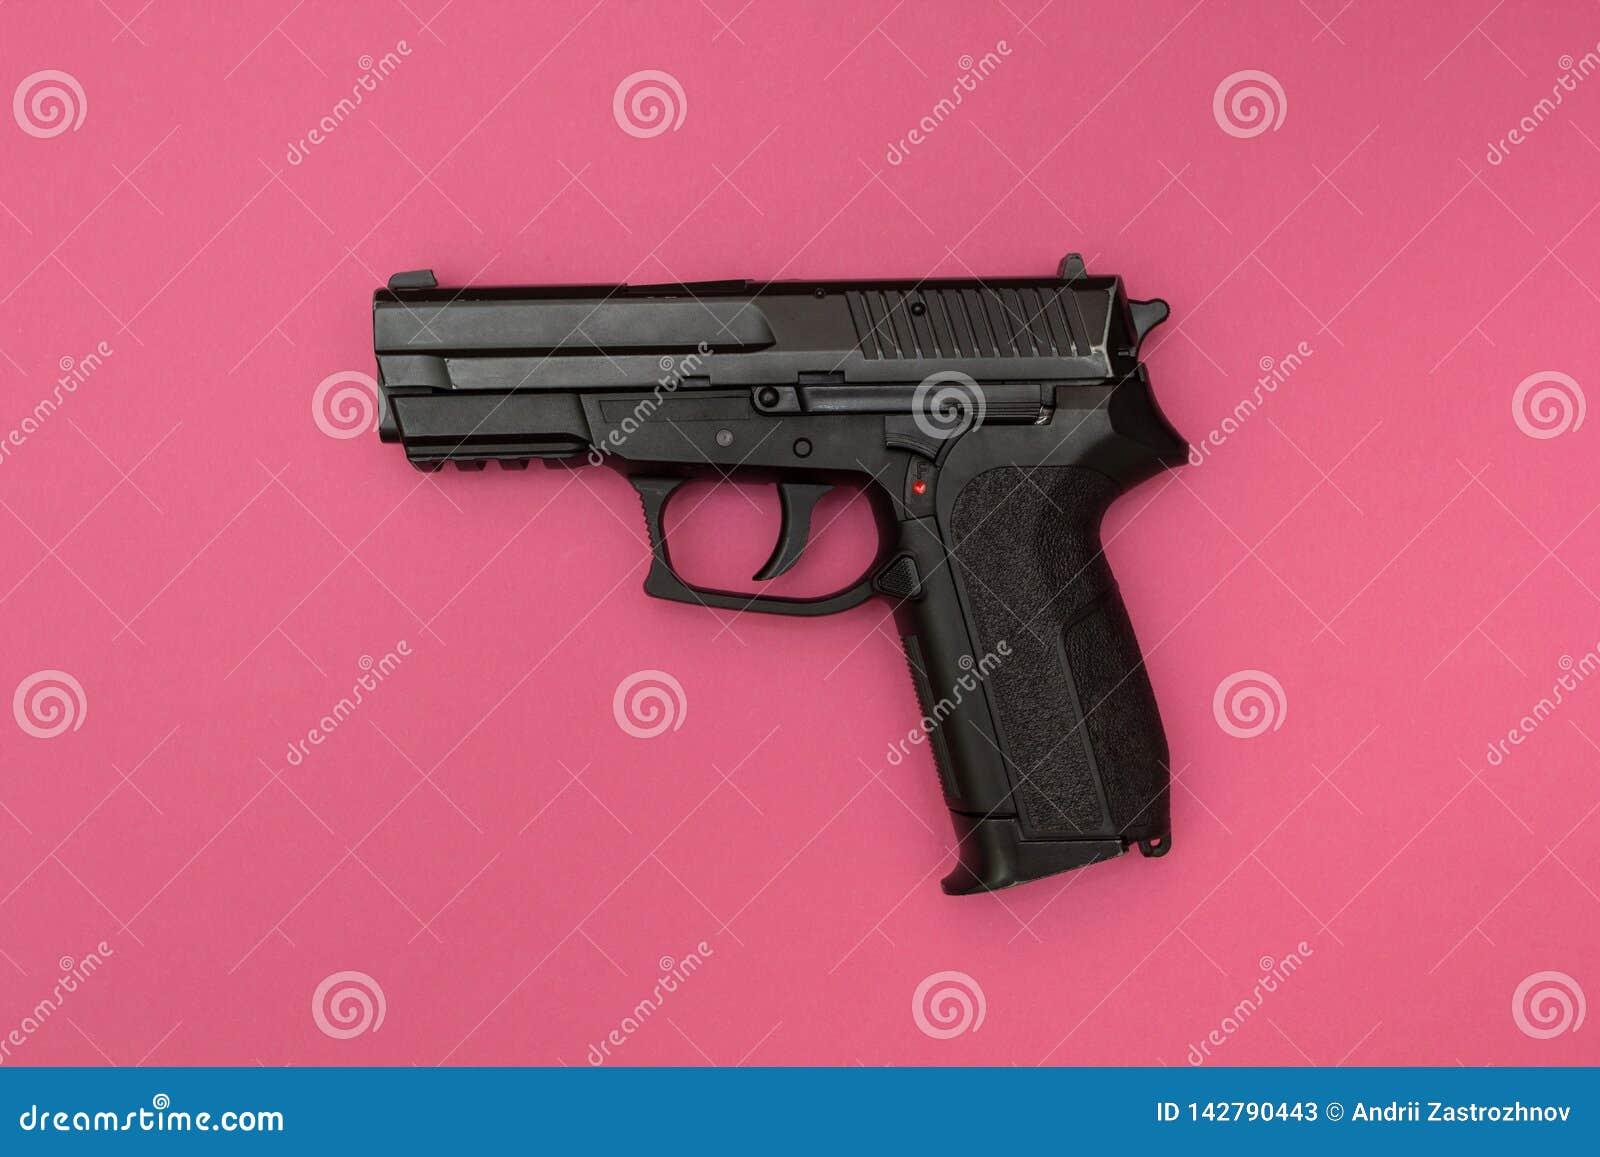 Black gun on a pink background